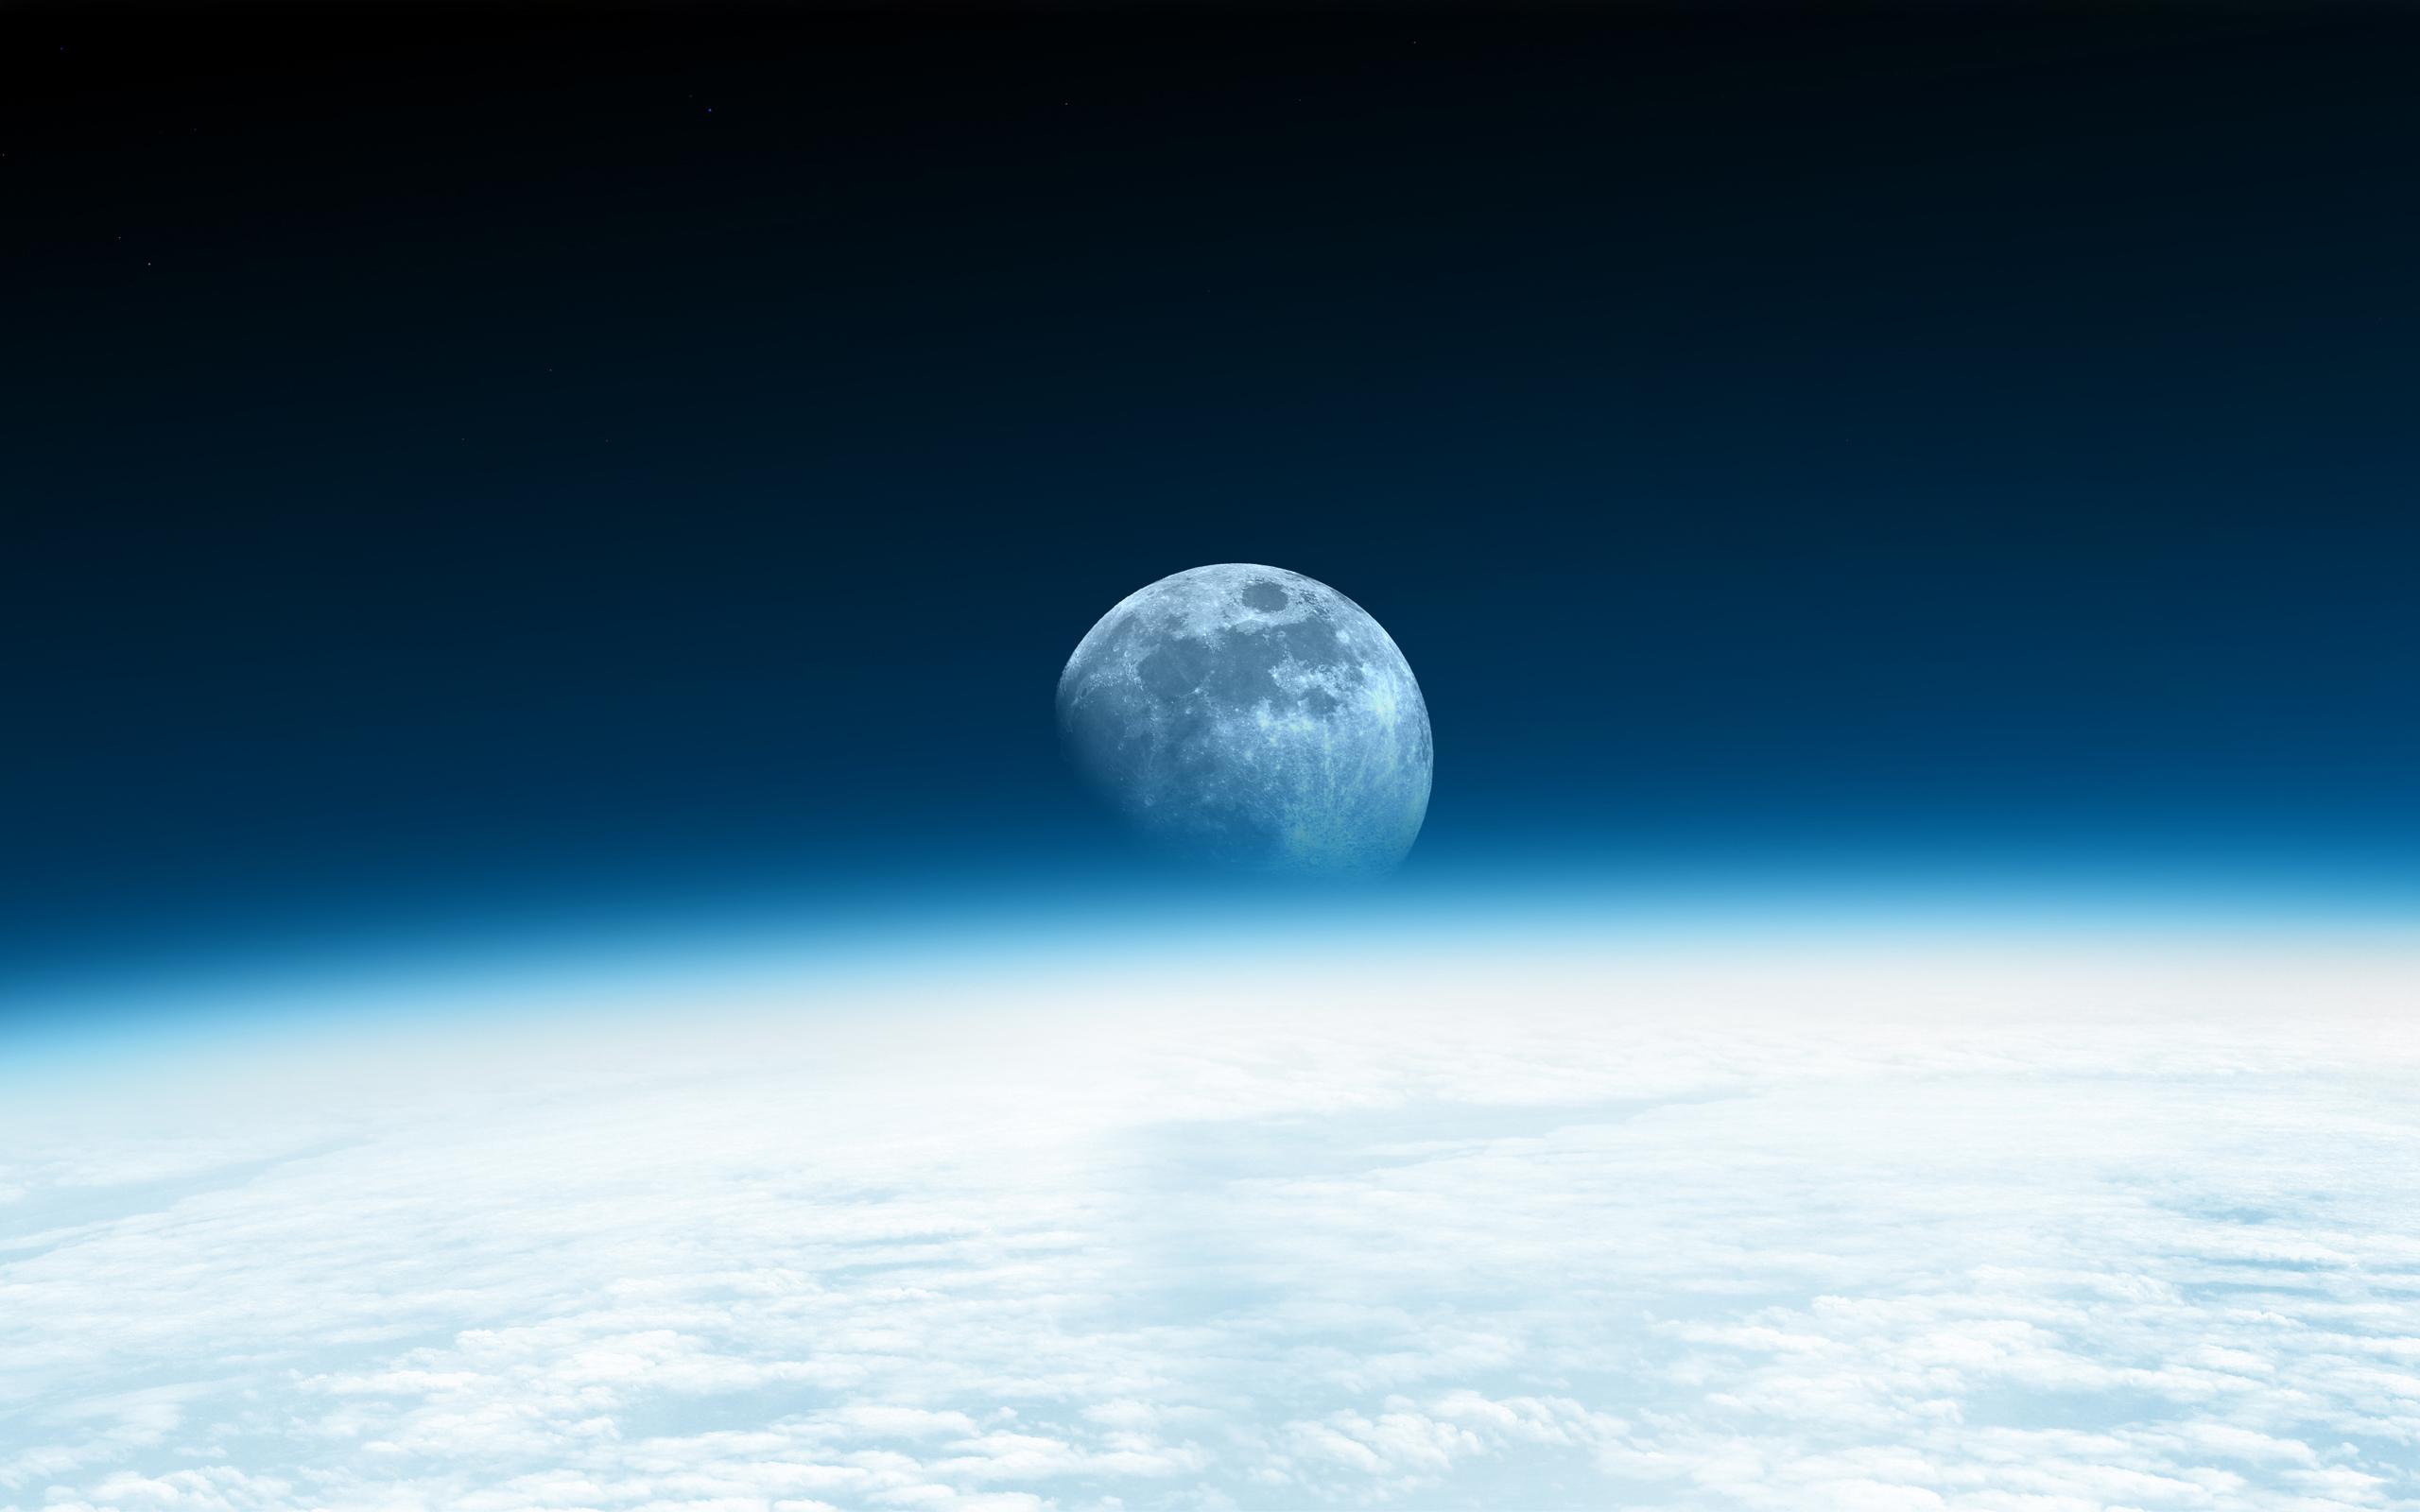 Картинка: Планета, Земля, спутник, Луна, атмосфера, облака, свечение